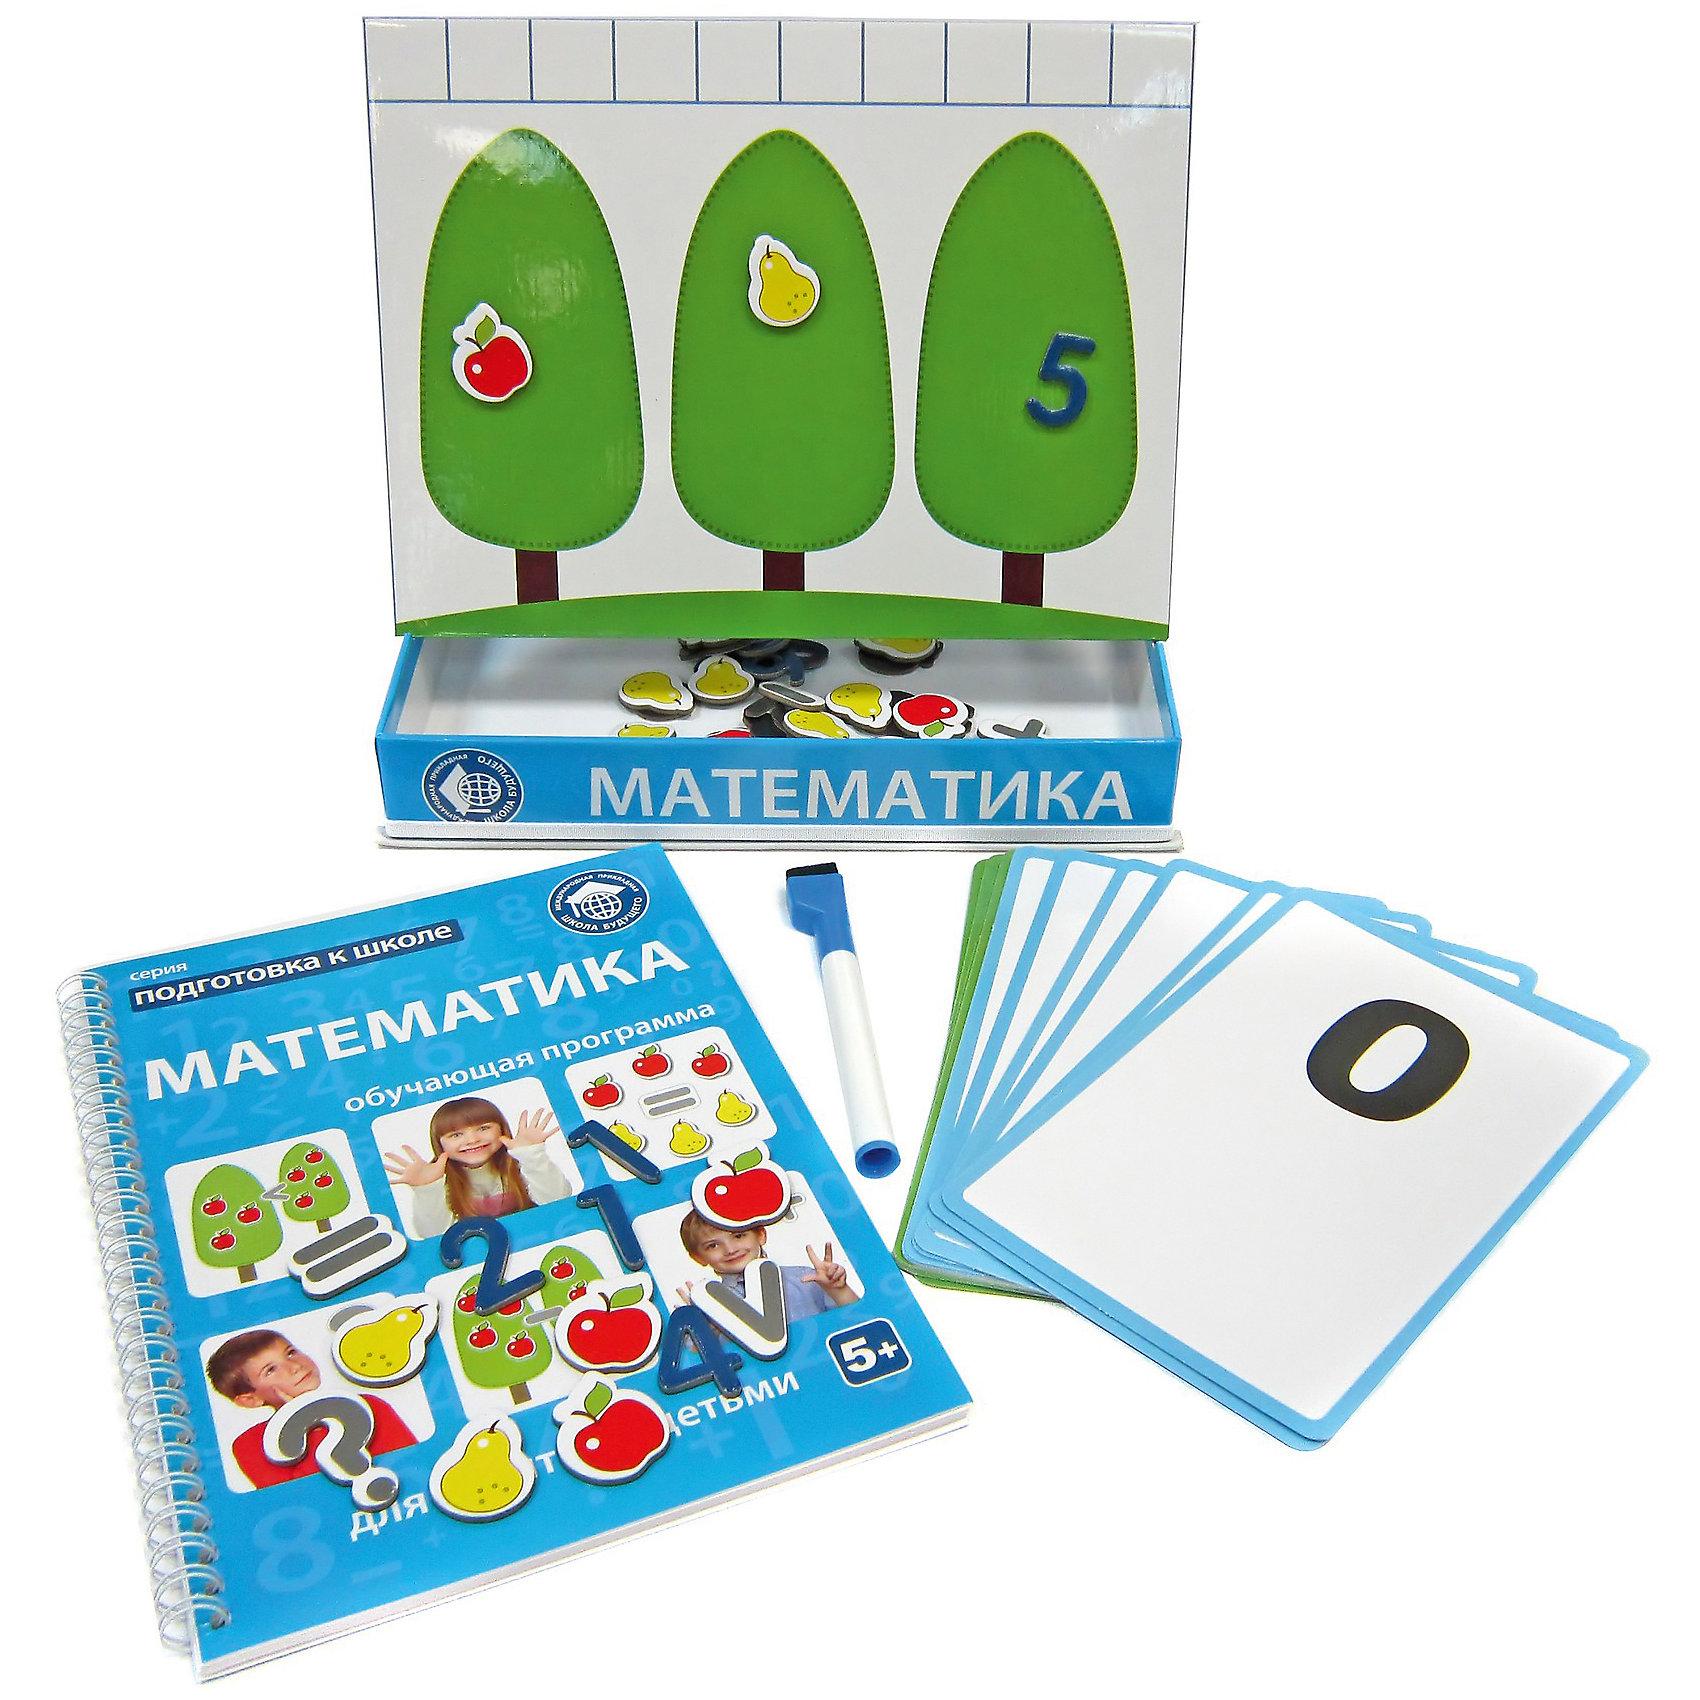 Обучающий набор «Математика: сложение и вычитание»Обучение счету<br>Обучающий набор «МАТЕМАТИКА: сложение и вычитание» поможет ребенку освоить счет, сложение и вычитание в пределах двадцати. В этом ему помогут магнитные цифры и обучающие карточки. Курс обучения даст возможность ознакомиться с математическими действиями, научиться сравнивать числа и с легкостью решать задачи. Кроме этого, в курс включено большое количество практических заданий, которые дадут возможность ребенку применить полученные знания.@#<br>В комплект входит: 1 магнитная доска для занятий,  57 магнитов, 22 обучающие карточки, 1  маркер «пиши-стирай», обучающая программа (книжка для родителей).@#<br>Набор продается в упаковке из плотного картона. Ее размер: 20,3х26,5х4,5 см. @#<br>Рекомендуется детям старше 5 лет.<br><br>Ширина мм: 265<br>Глубина мм: 45<br>Высота мм: 203<br>Вес г: 980<br>Возраст от месяцев: 36<br>Возраст до месяцев: 84<br>Пол: Унисекс<br>Возраст: Детский<br>SKU: 5426454